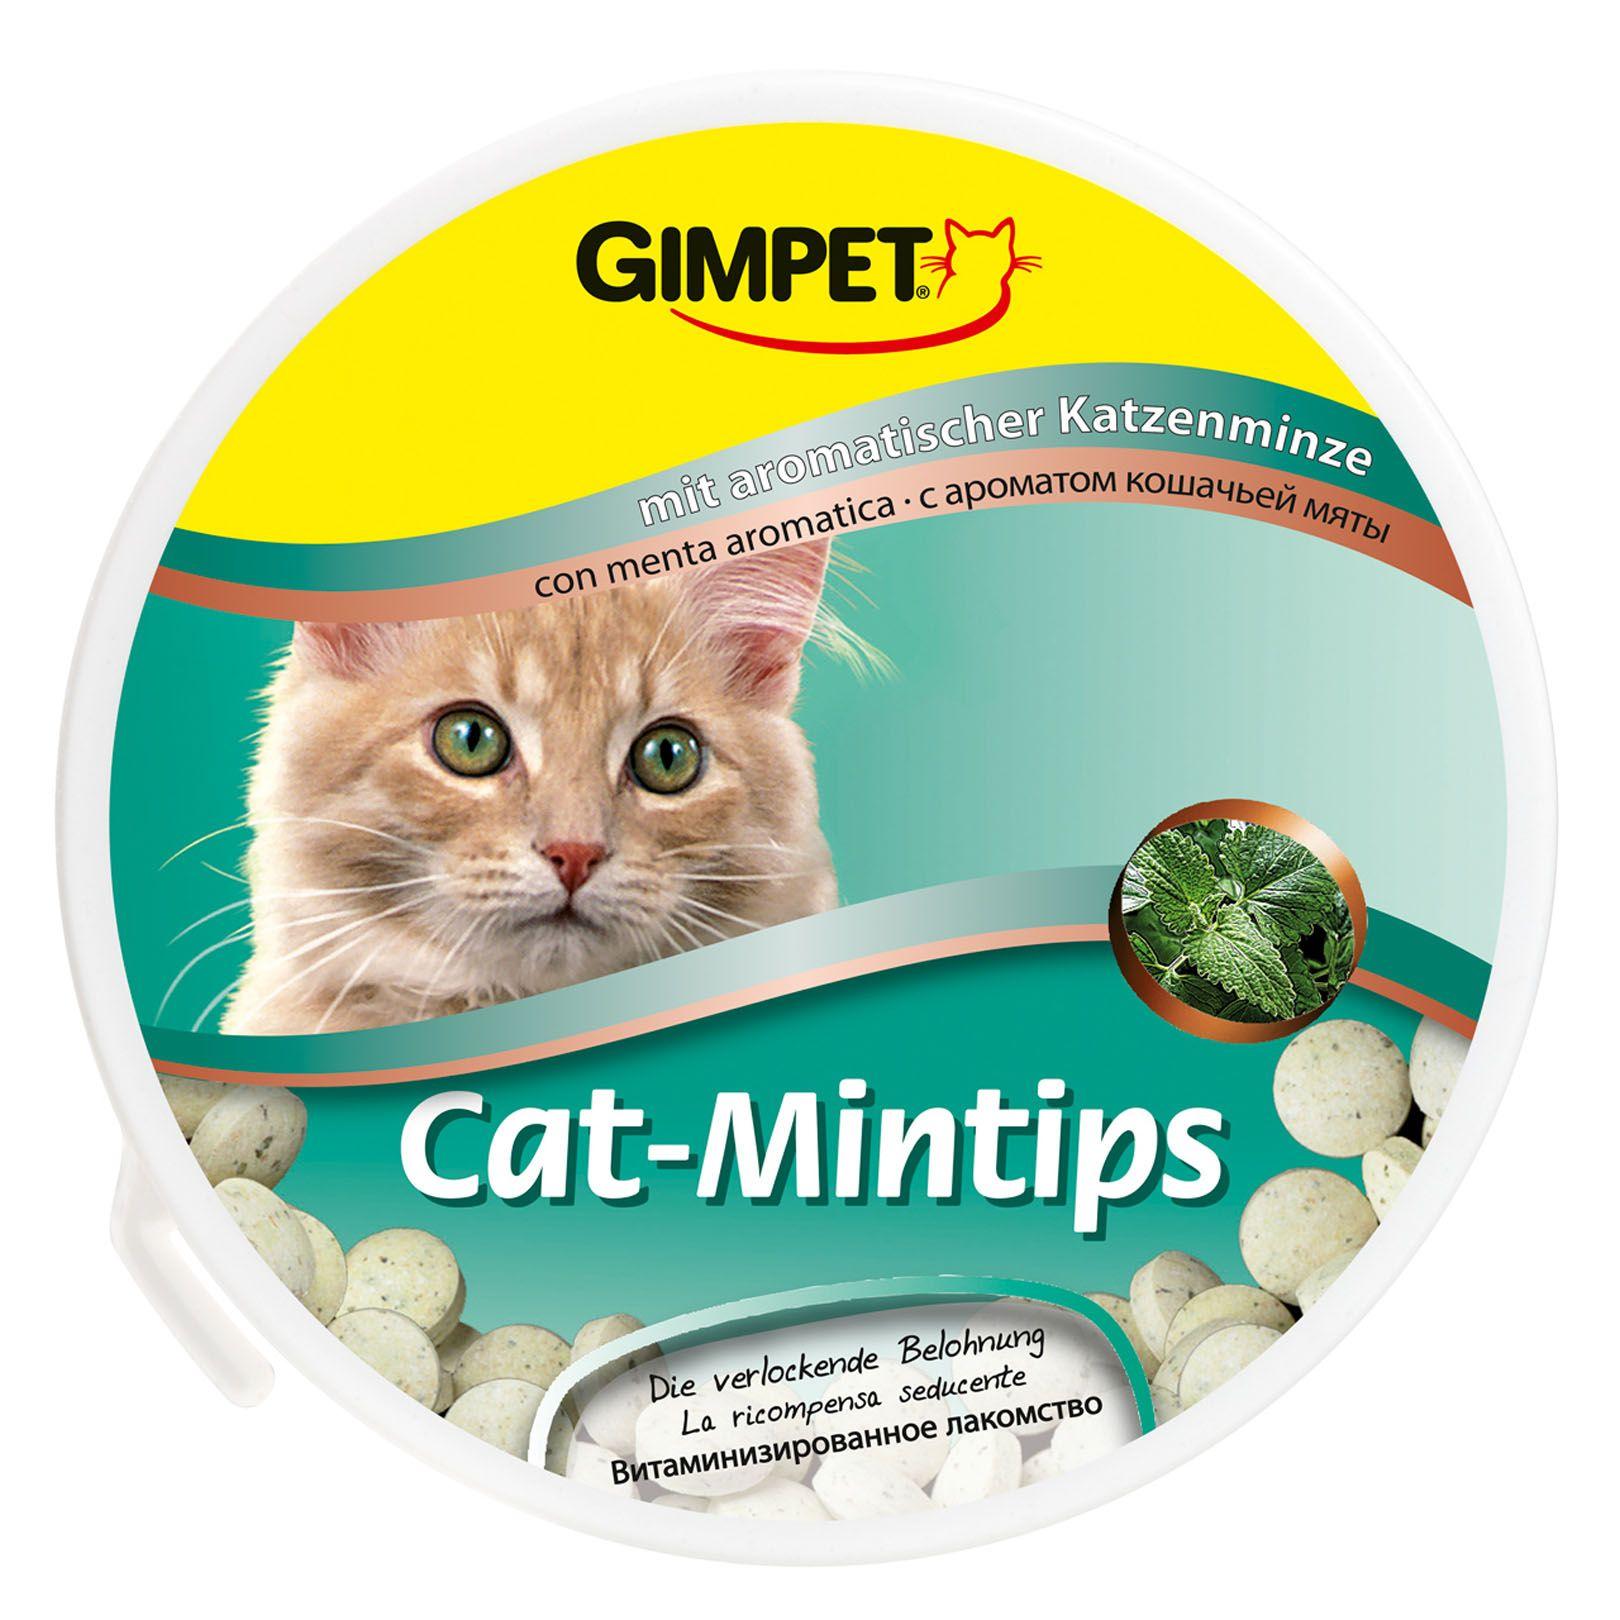 Витаминизированное лакомство Gimpet Cat-Mintips с кошачьей мятой для кошек